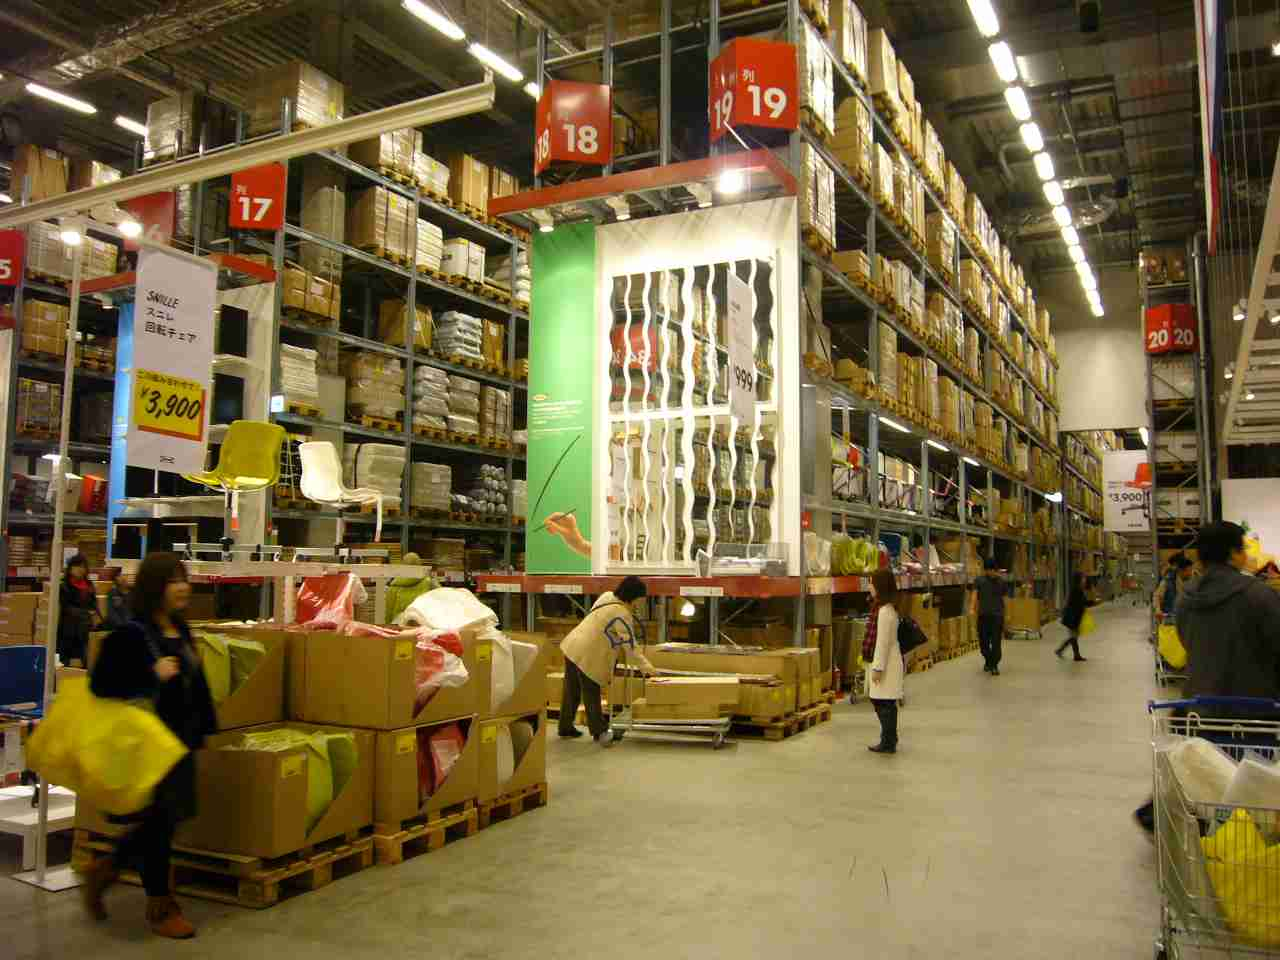 イケア(IKEA)、ネット注文で宅配サービス開始へ 店舗構える各国で